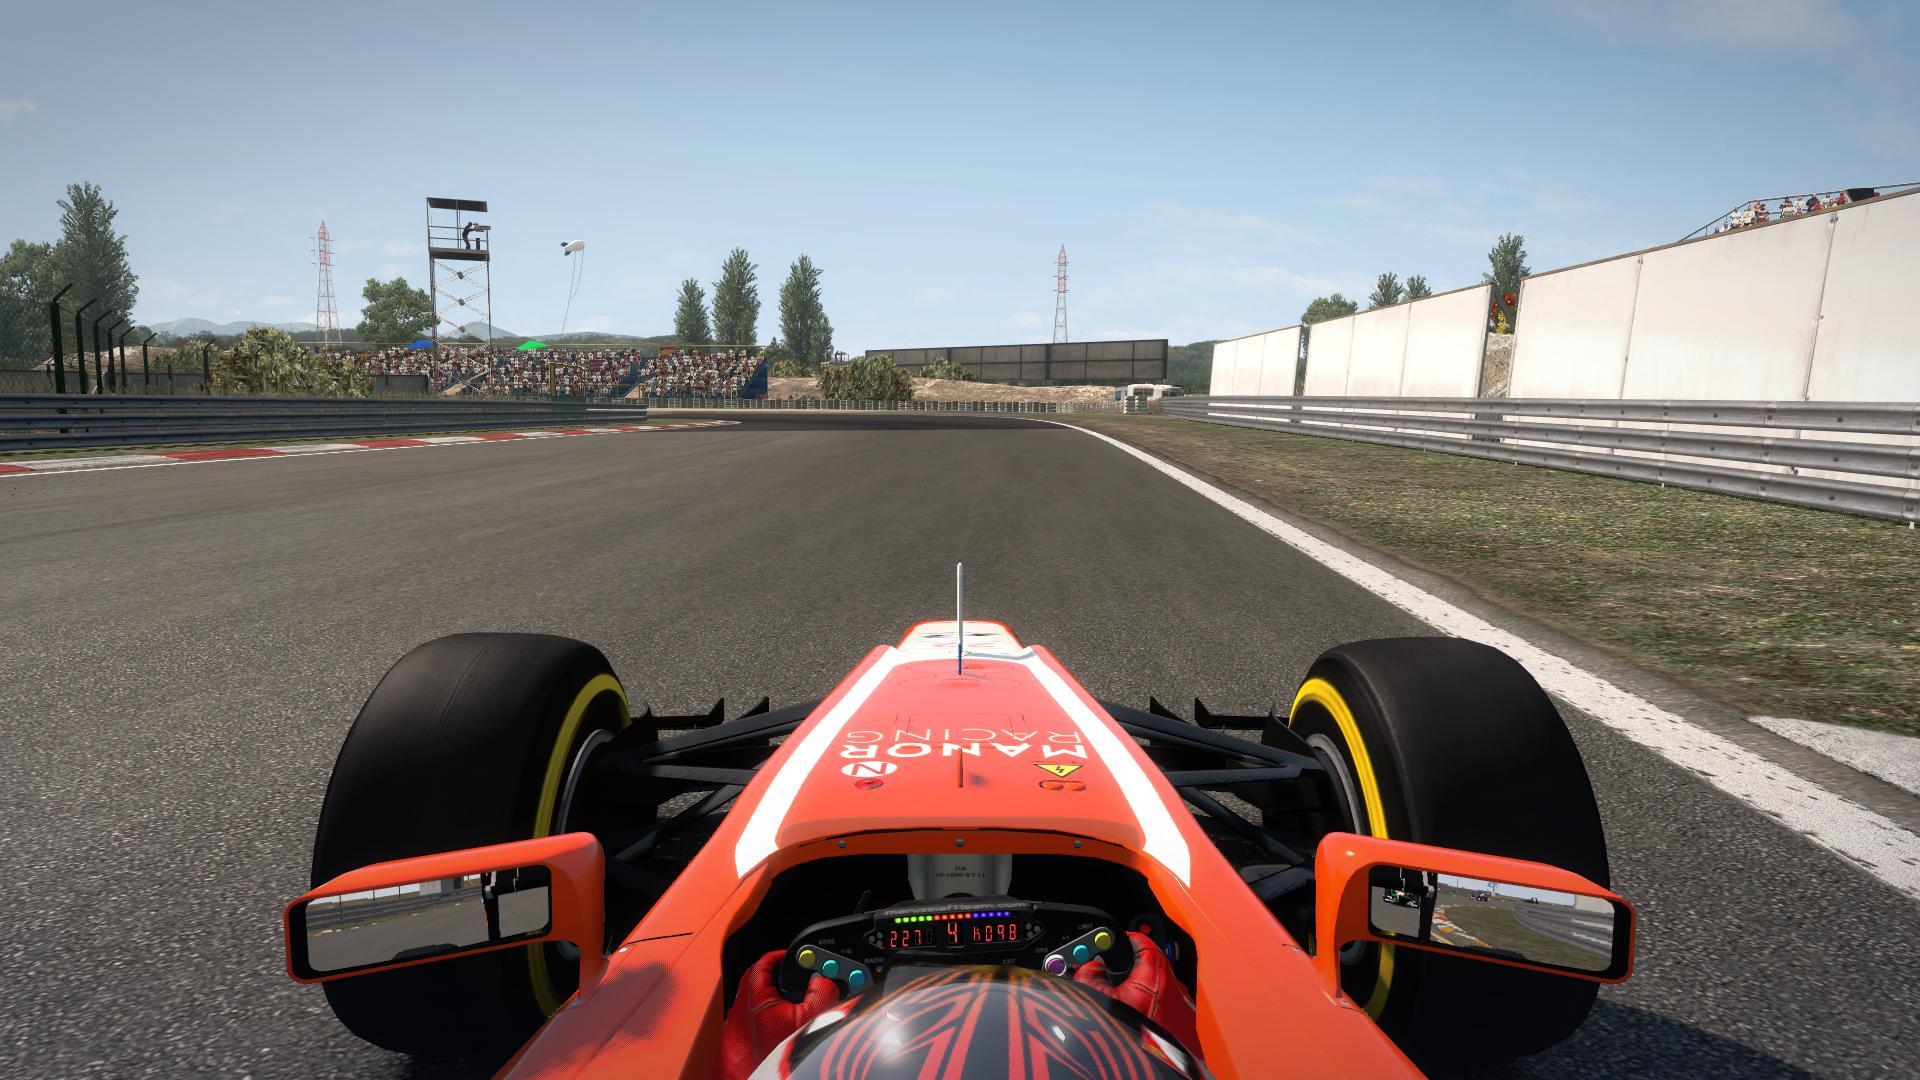 F1_2013 2016-08-11 15-46-15-60.jpg